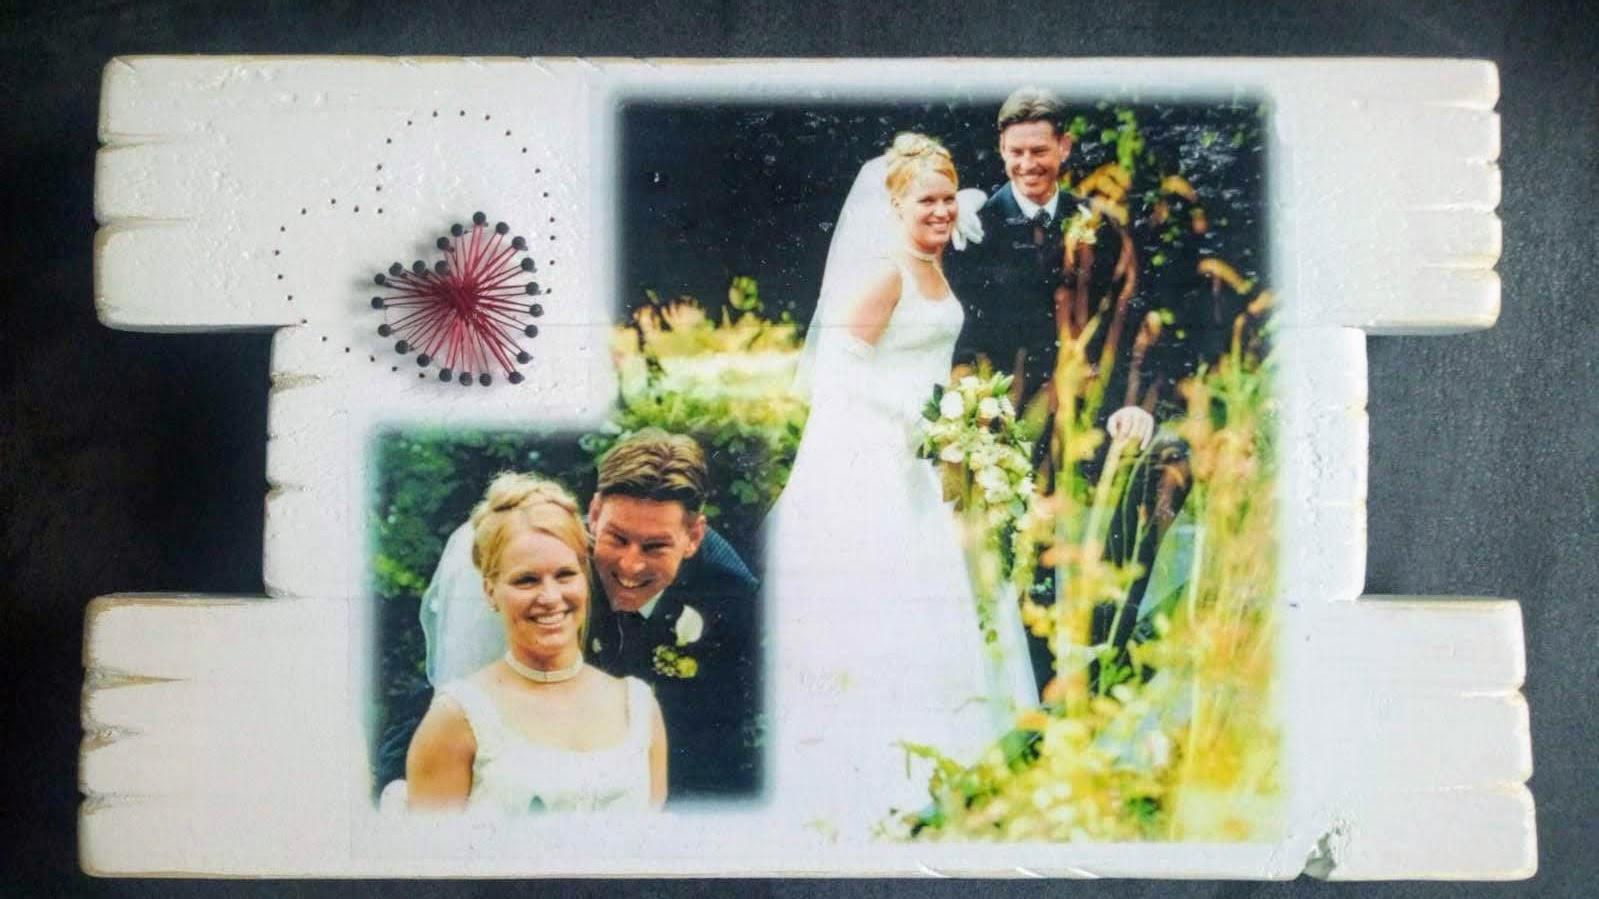 Herinnering - Huwelijk met foto en string-art